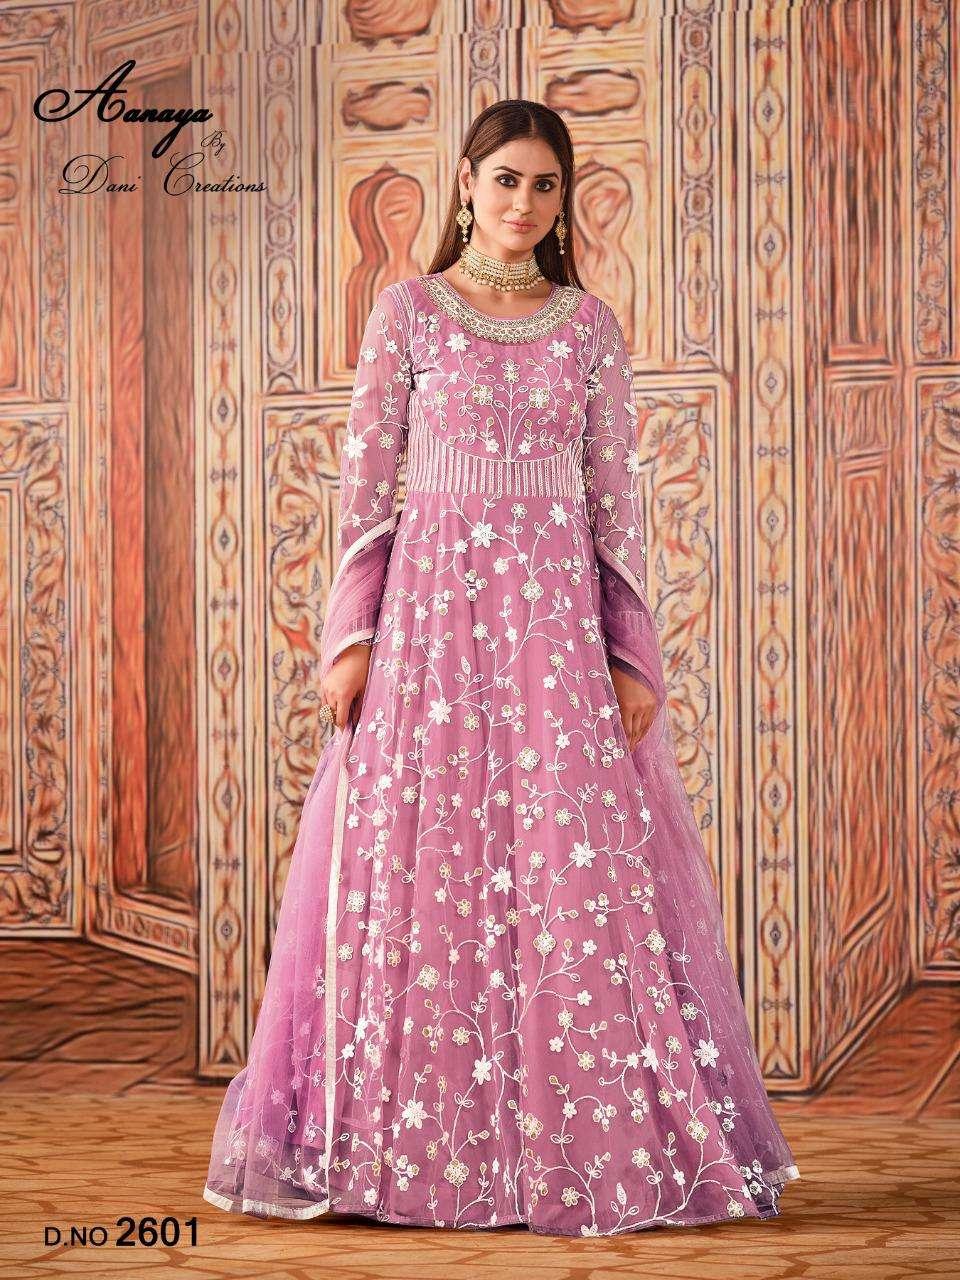 Aanaya Vol 126 Heavy Work Anarkali Salwar kameez Catalog at best Rate